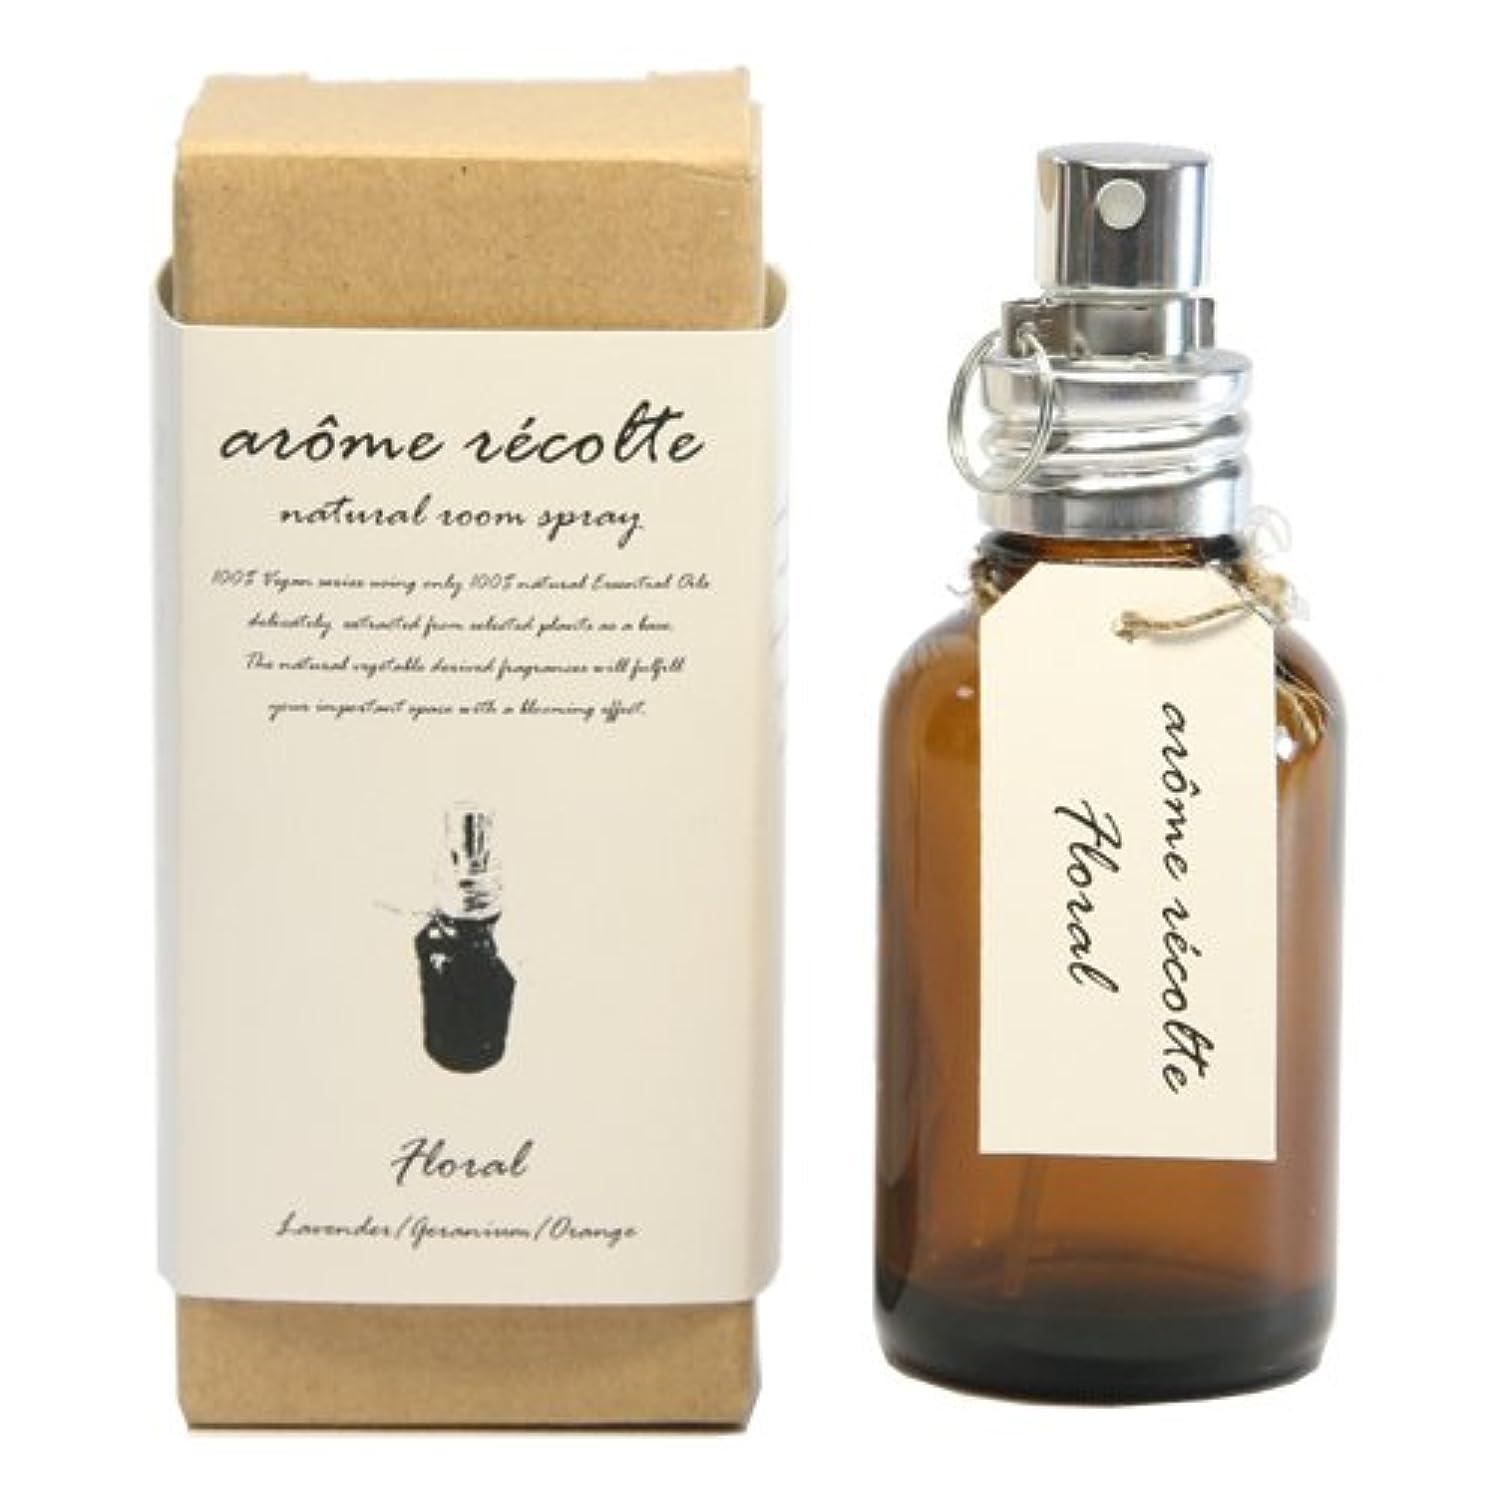 マット受け入れ便利アロマレコルト ナチュラルルームスプレー  フローラル【Floral】 arome rcolte